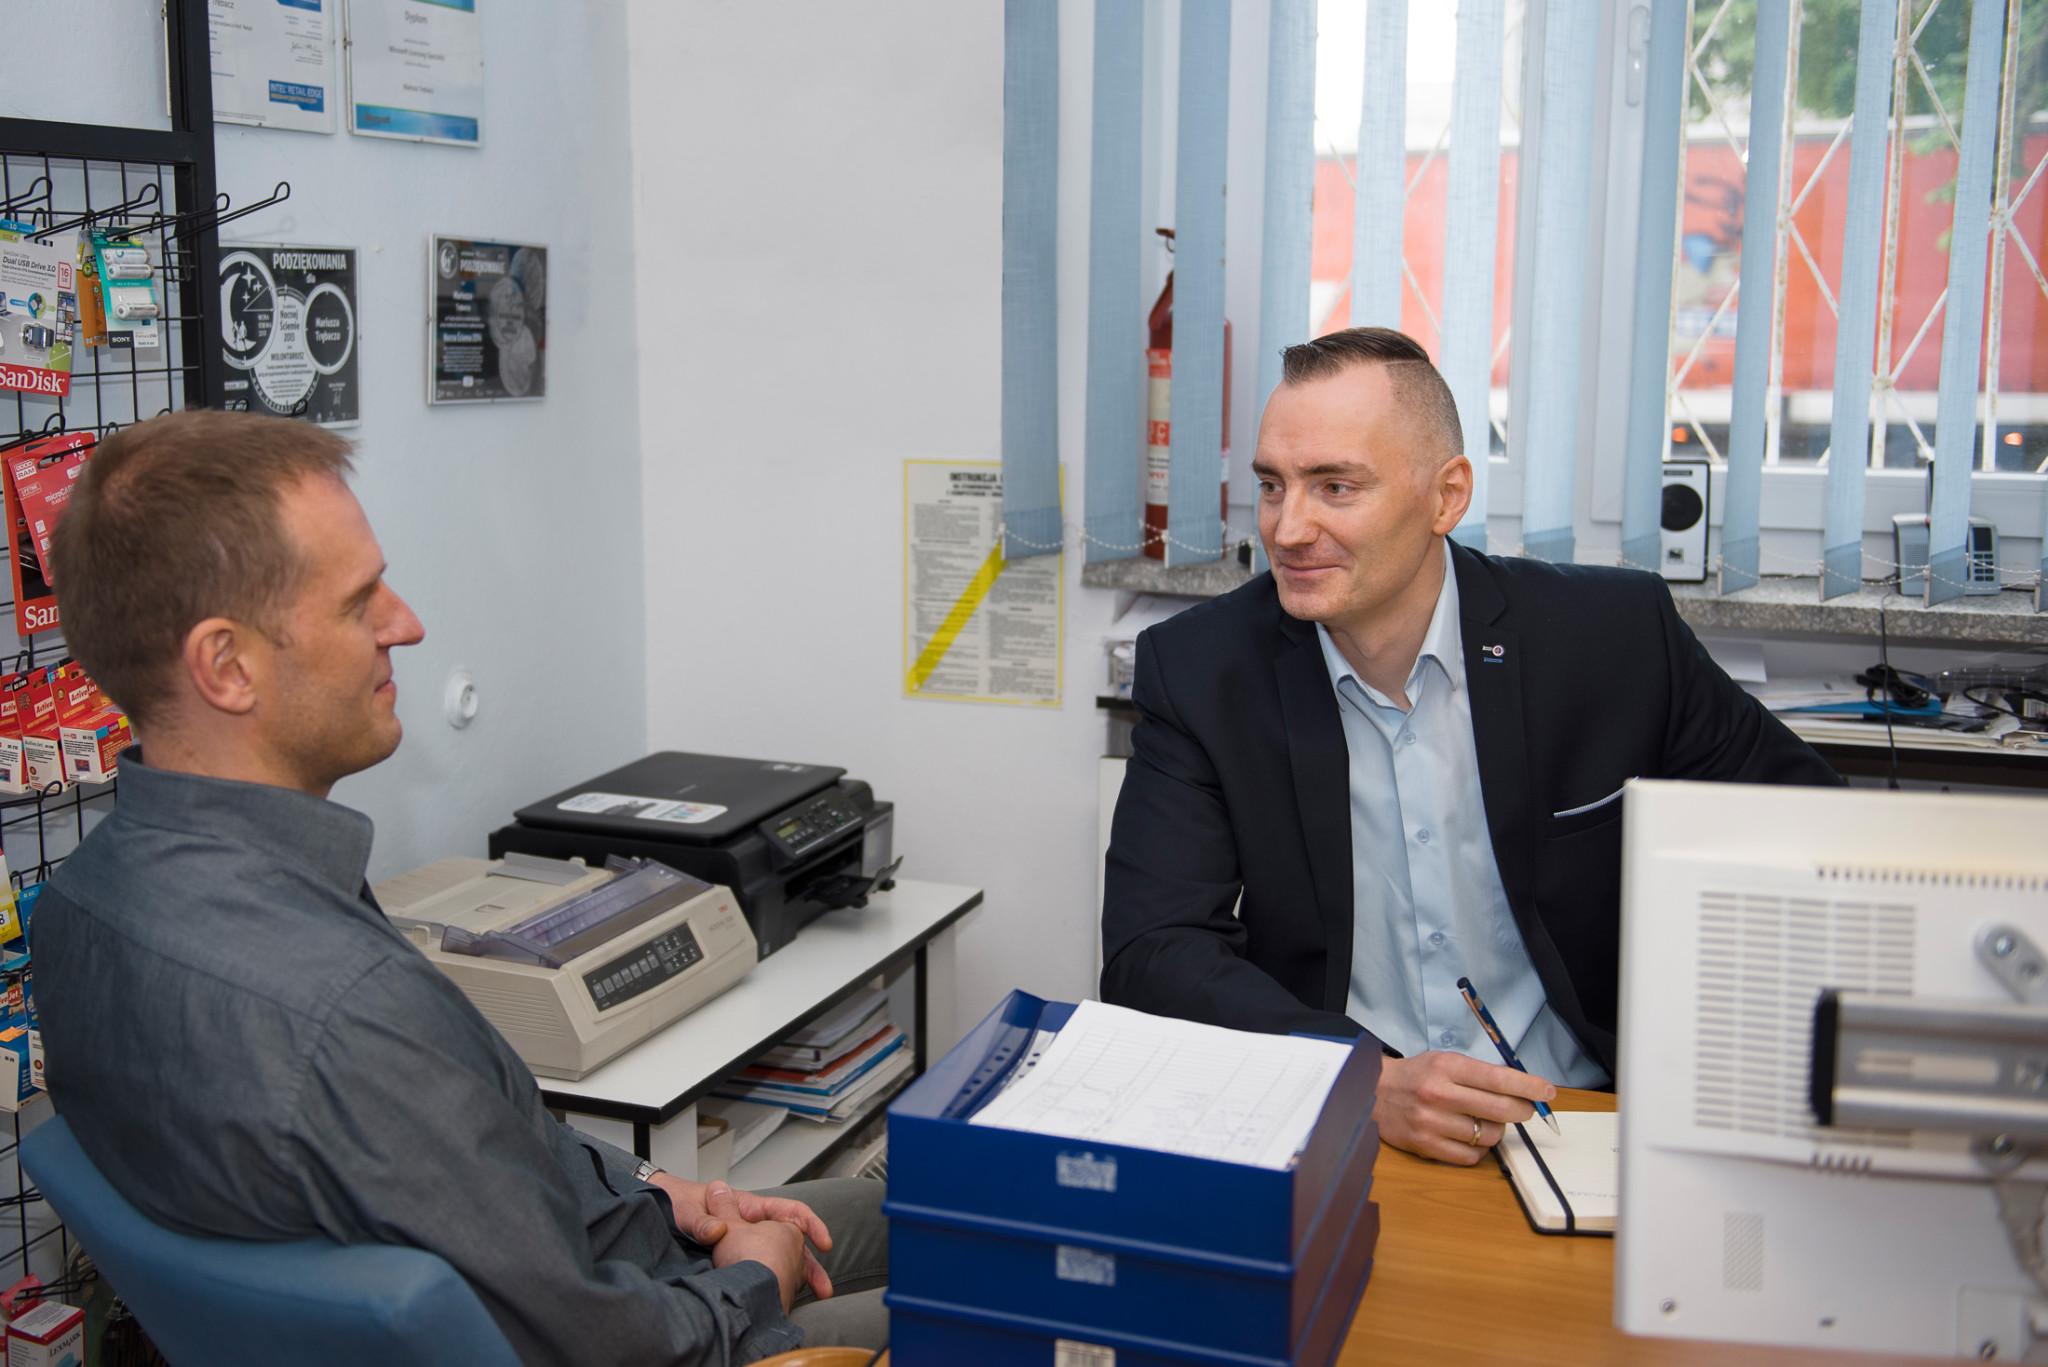 Dyrektor handlowy Mariusz Trębacz w rozmowie z klientem